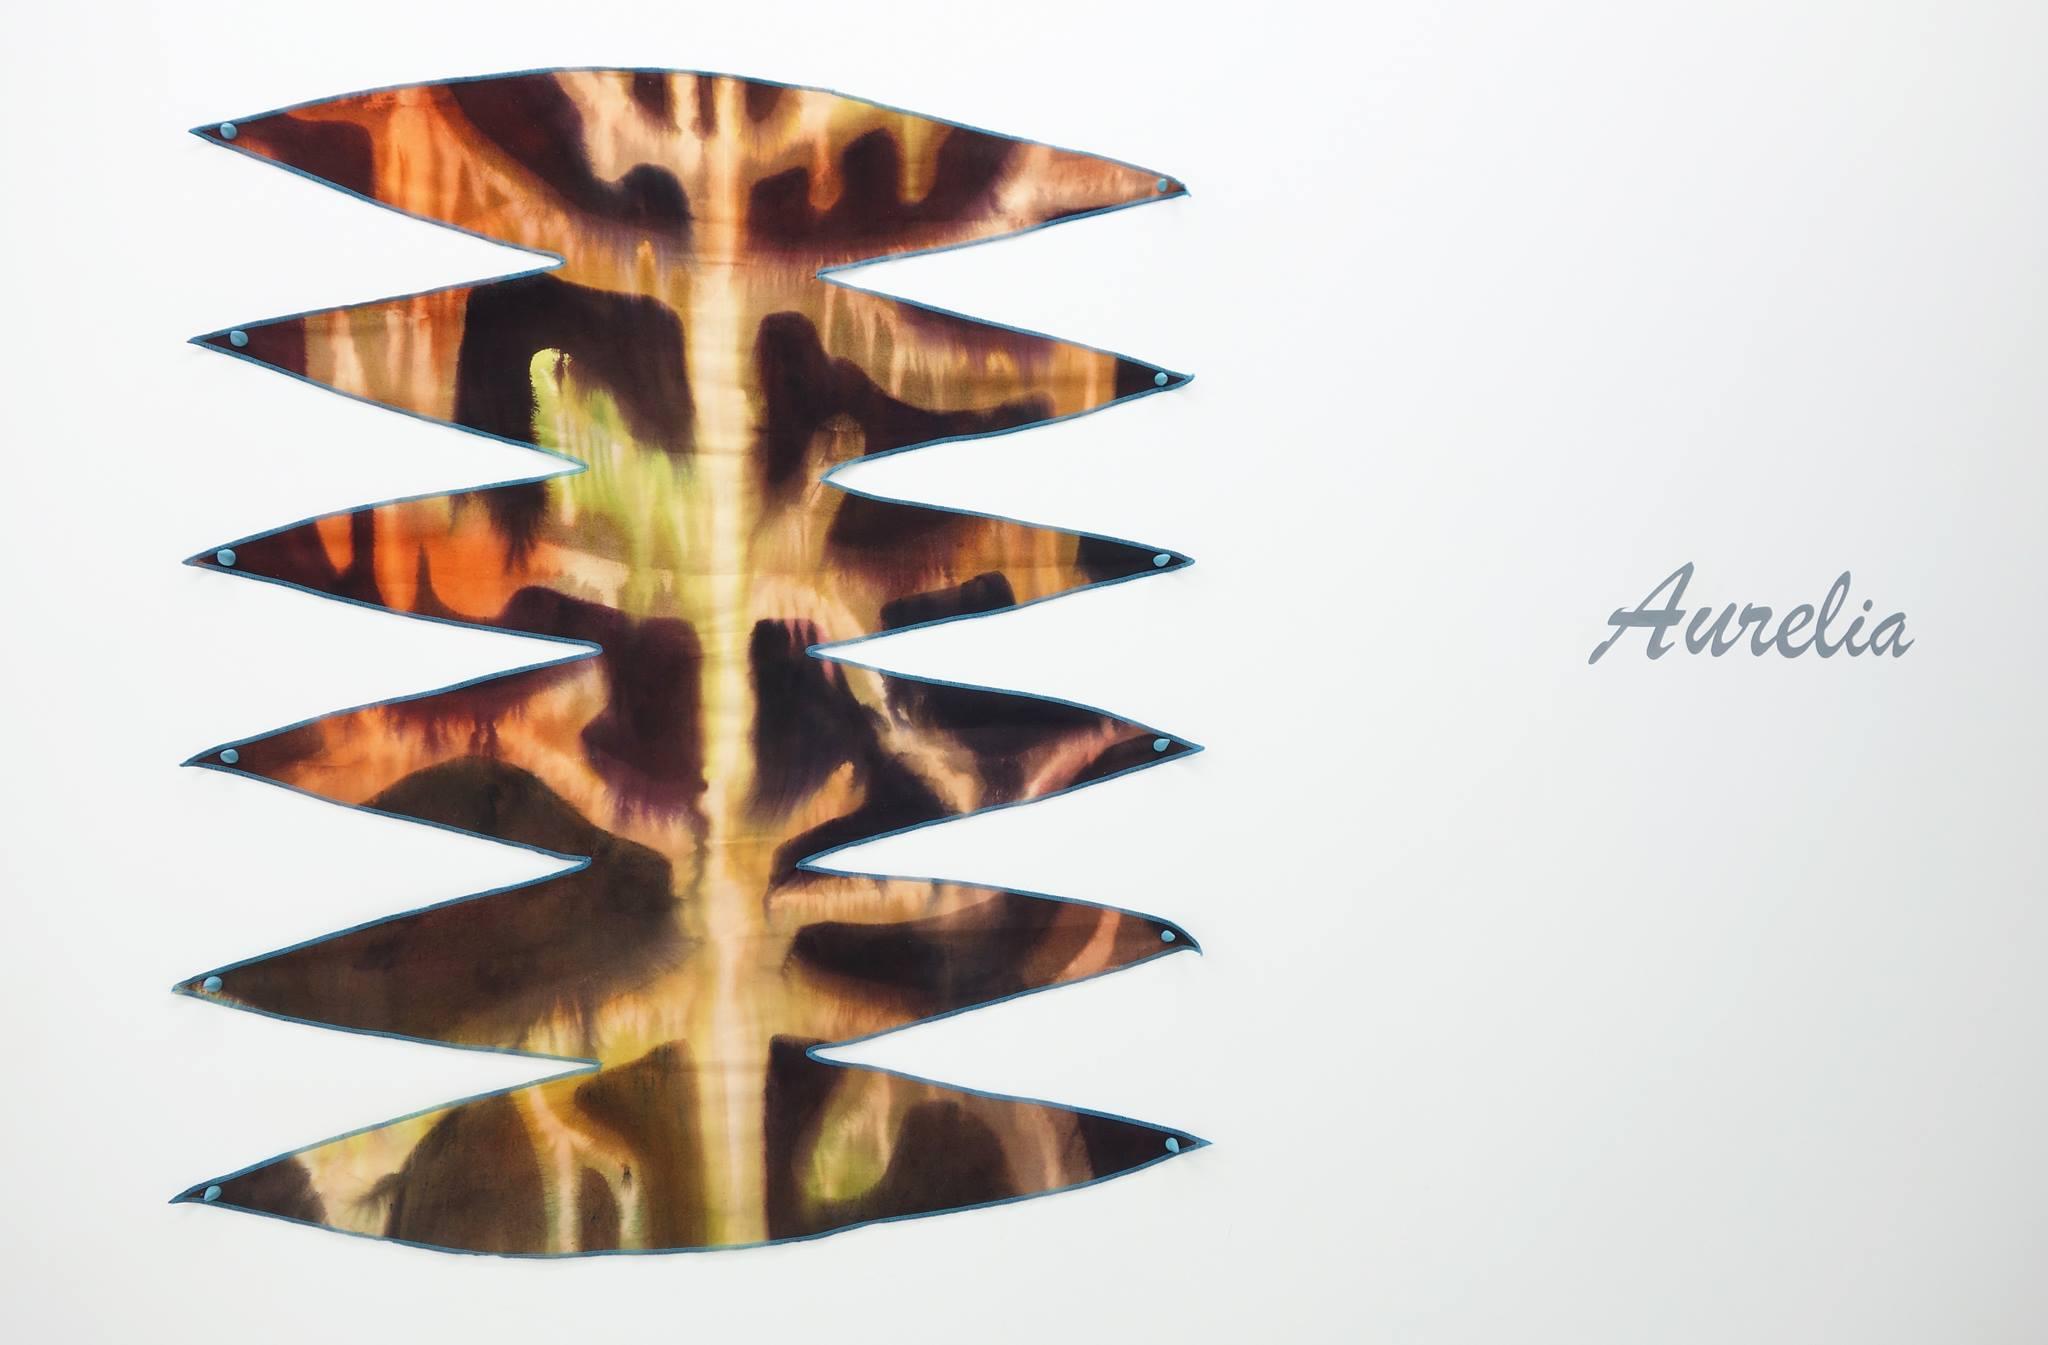 aureliaf11.jpg